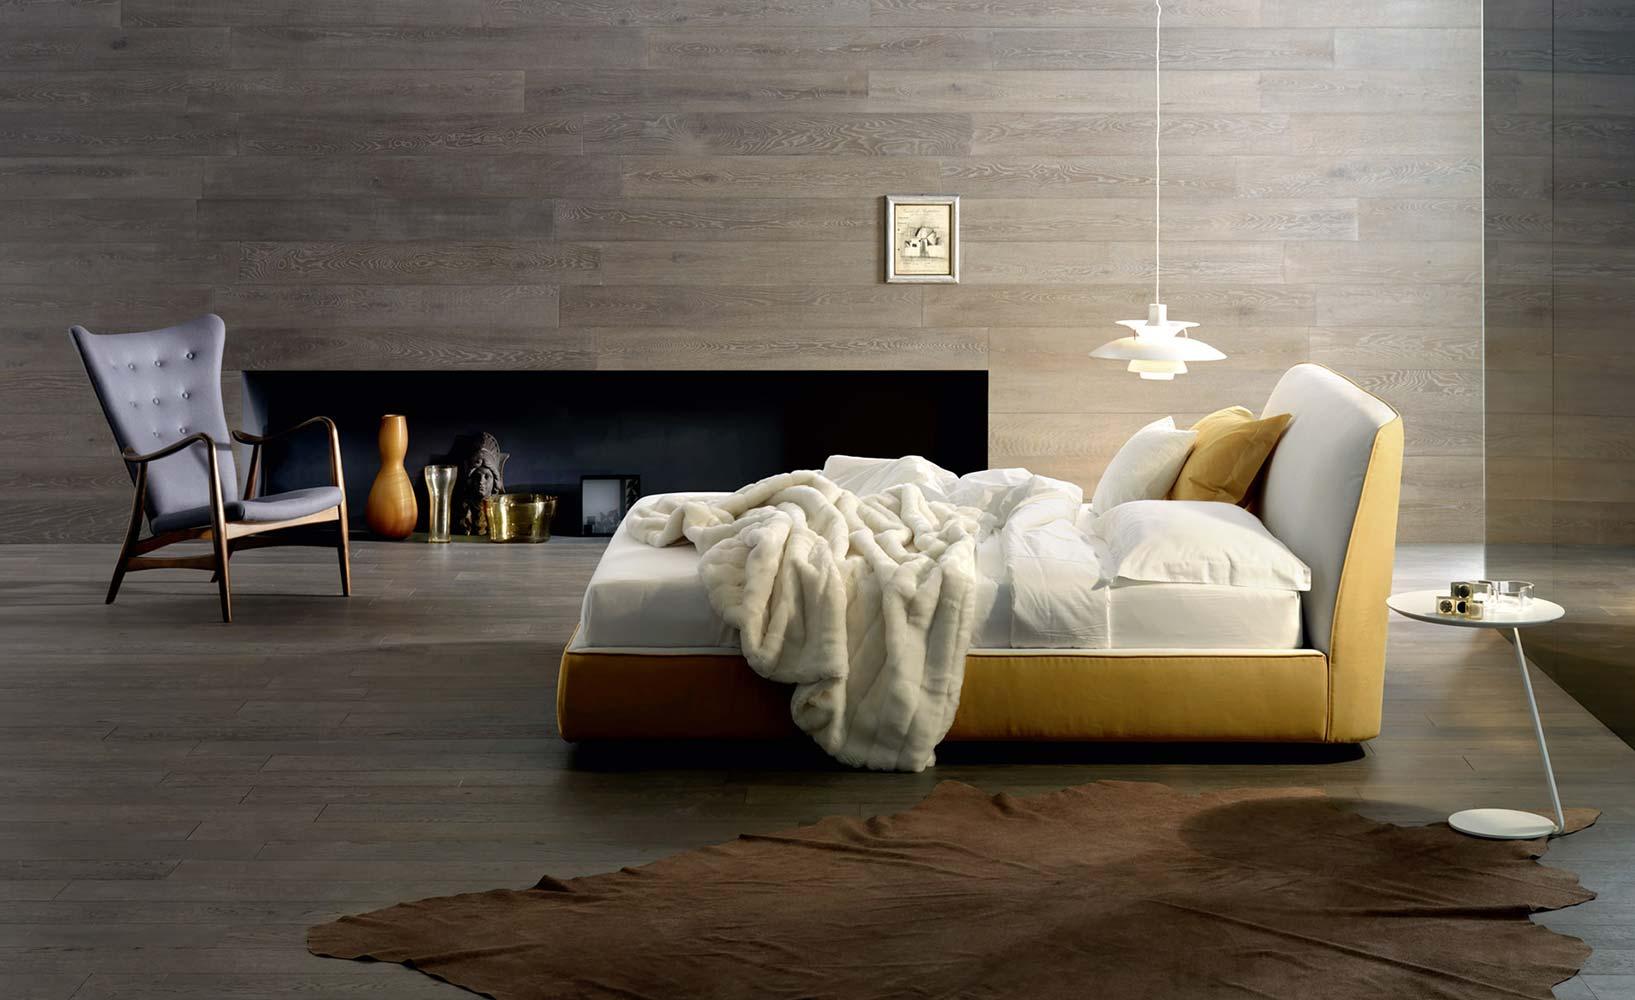 Mehr Komfort im Schlafzimmer - diese Möglichkeiten gibt es